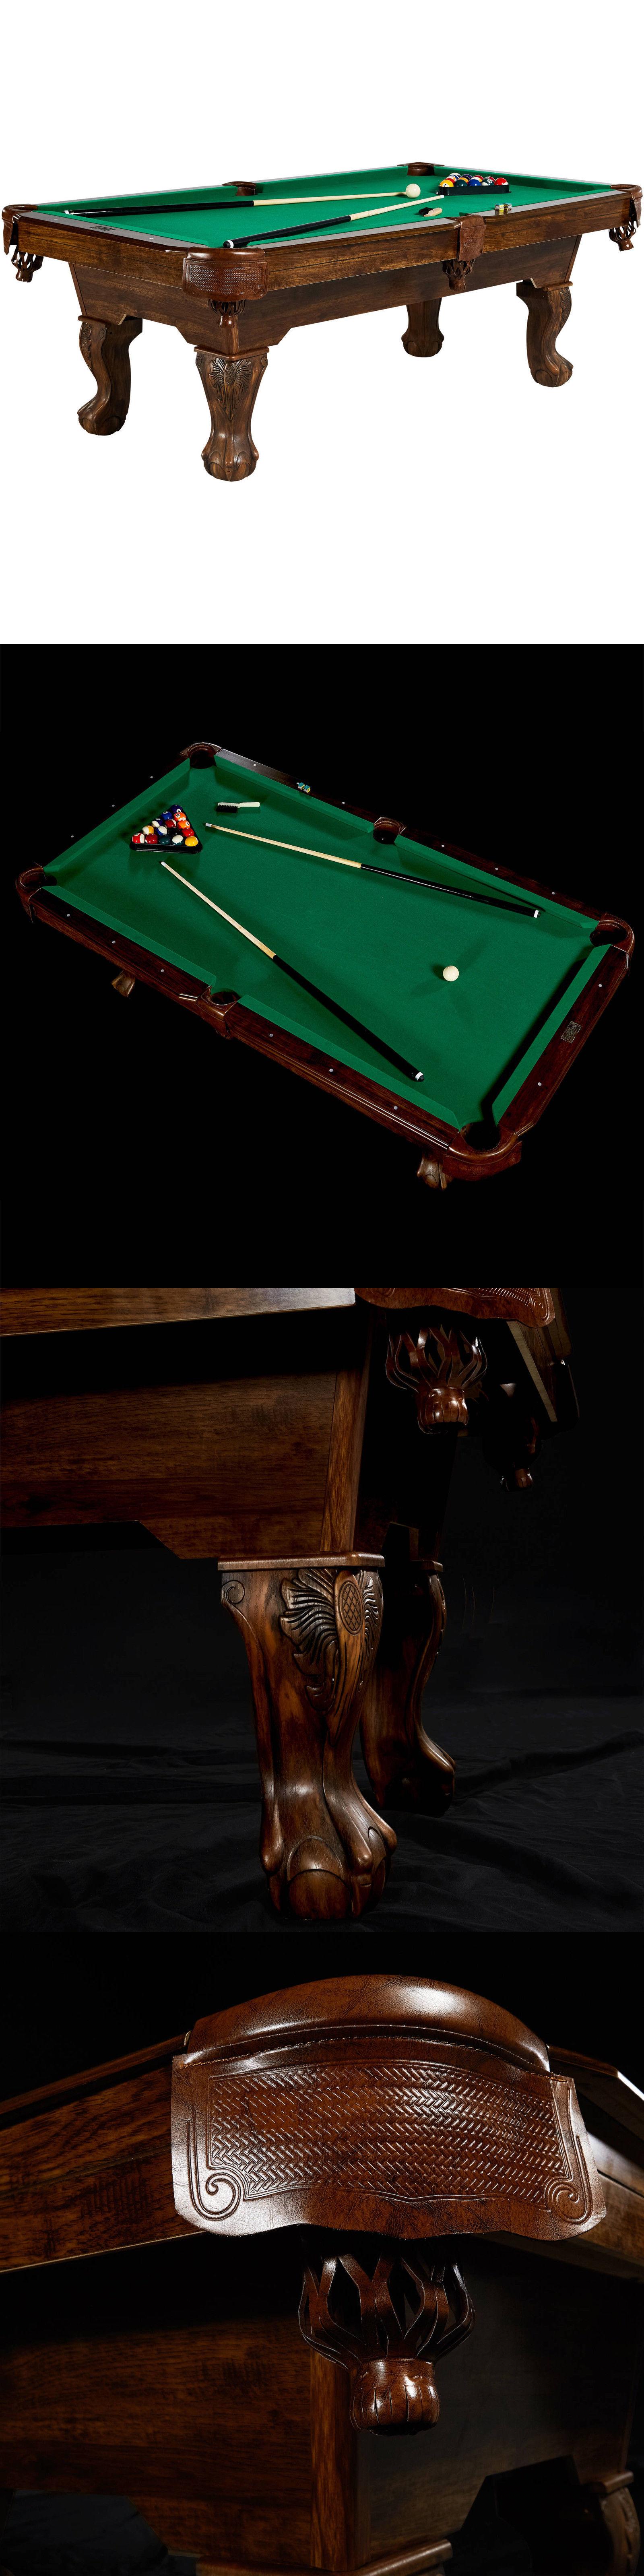 Tables Billiard Pool Table Barrington Billiards - Springdale pool table